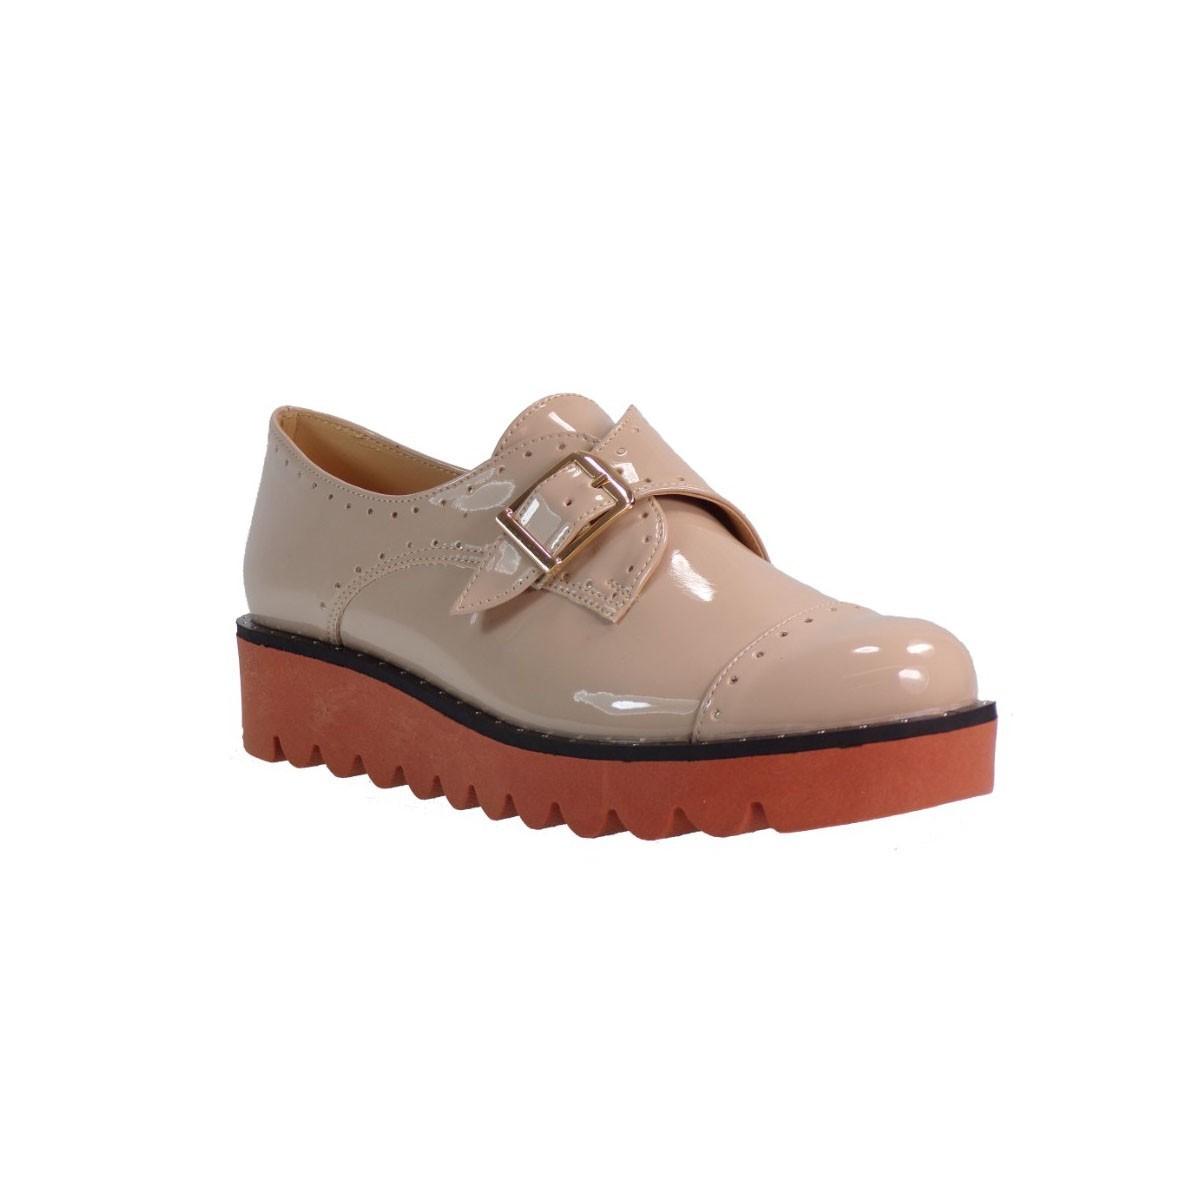 Katia Shoes Γυναικεία Παπούτσια 10 BIA Πούδρα Λουστρίνι Katia shoes 10ΒΙΑ Πούδρα